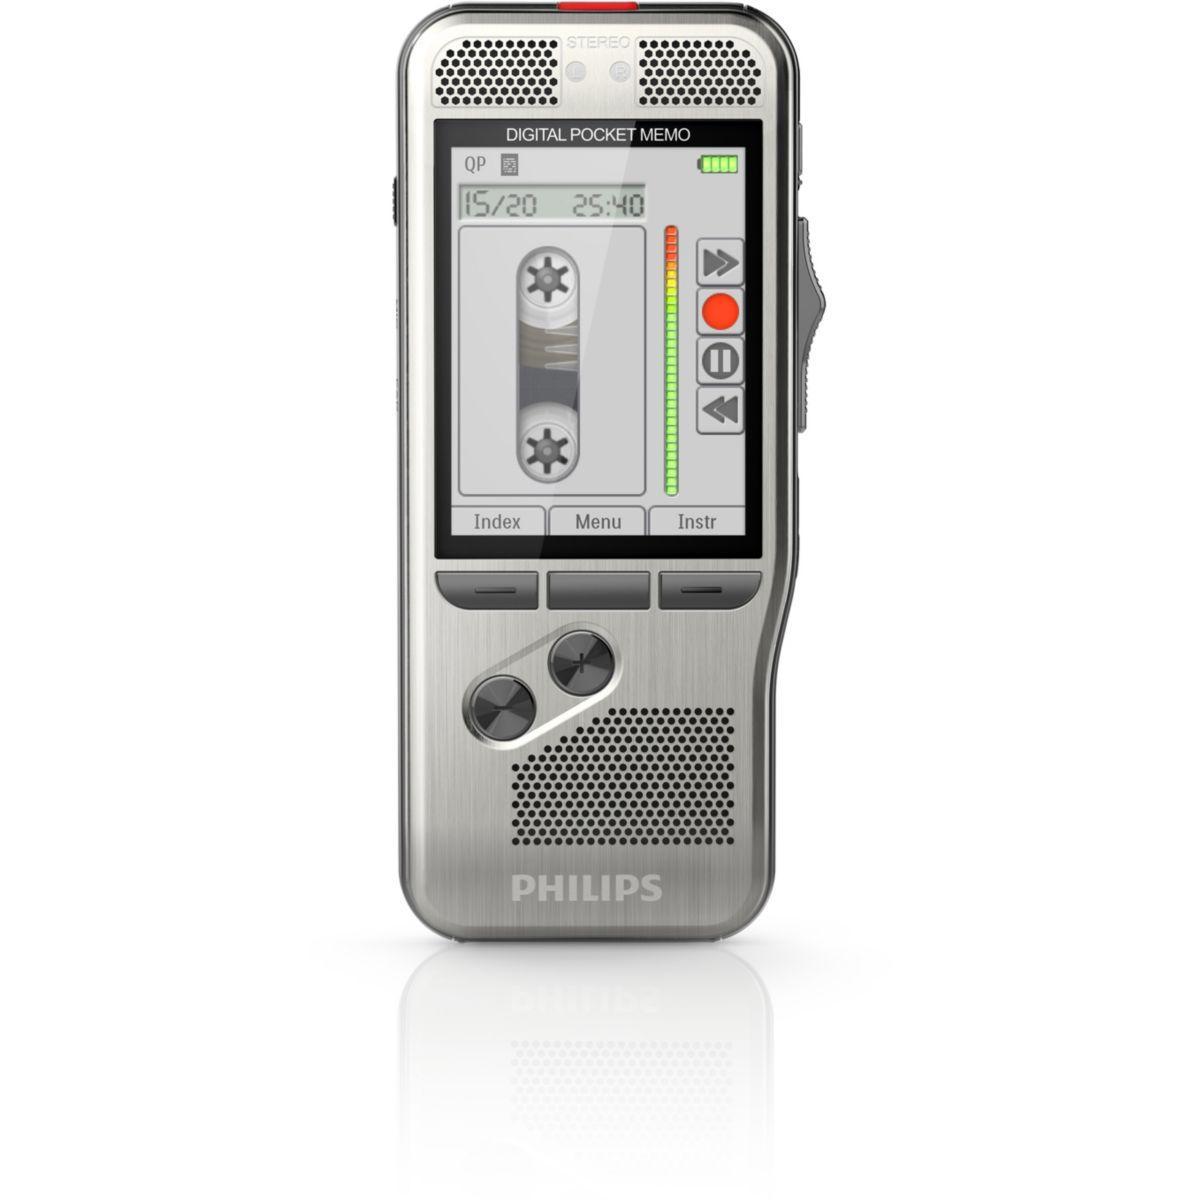 Dictaphone philips pocket-m�mo dpm7200 - 10% de remise imm�diate avec le code : school10 (photo)